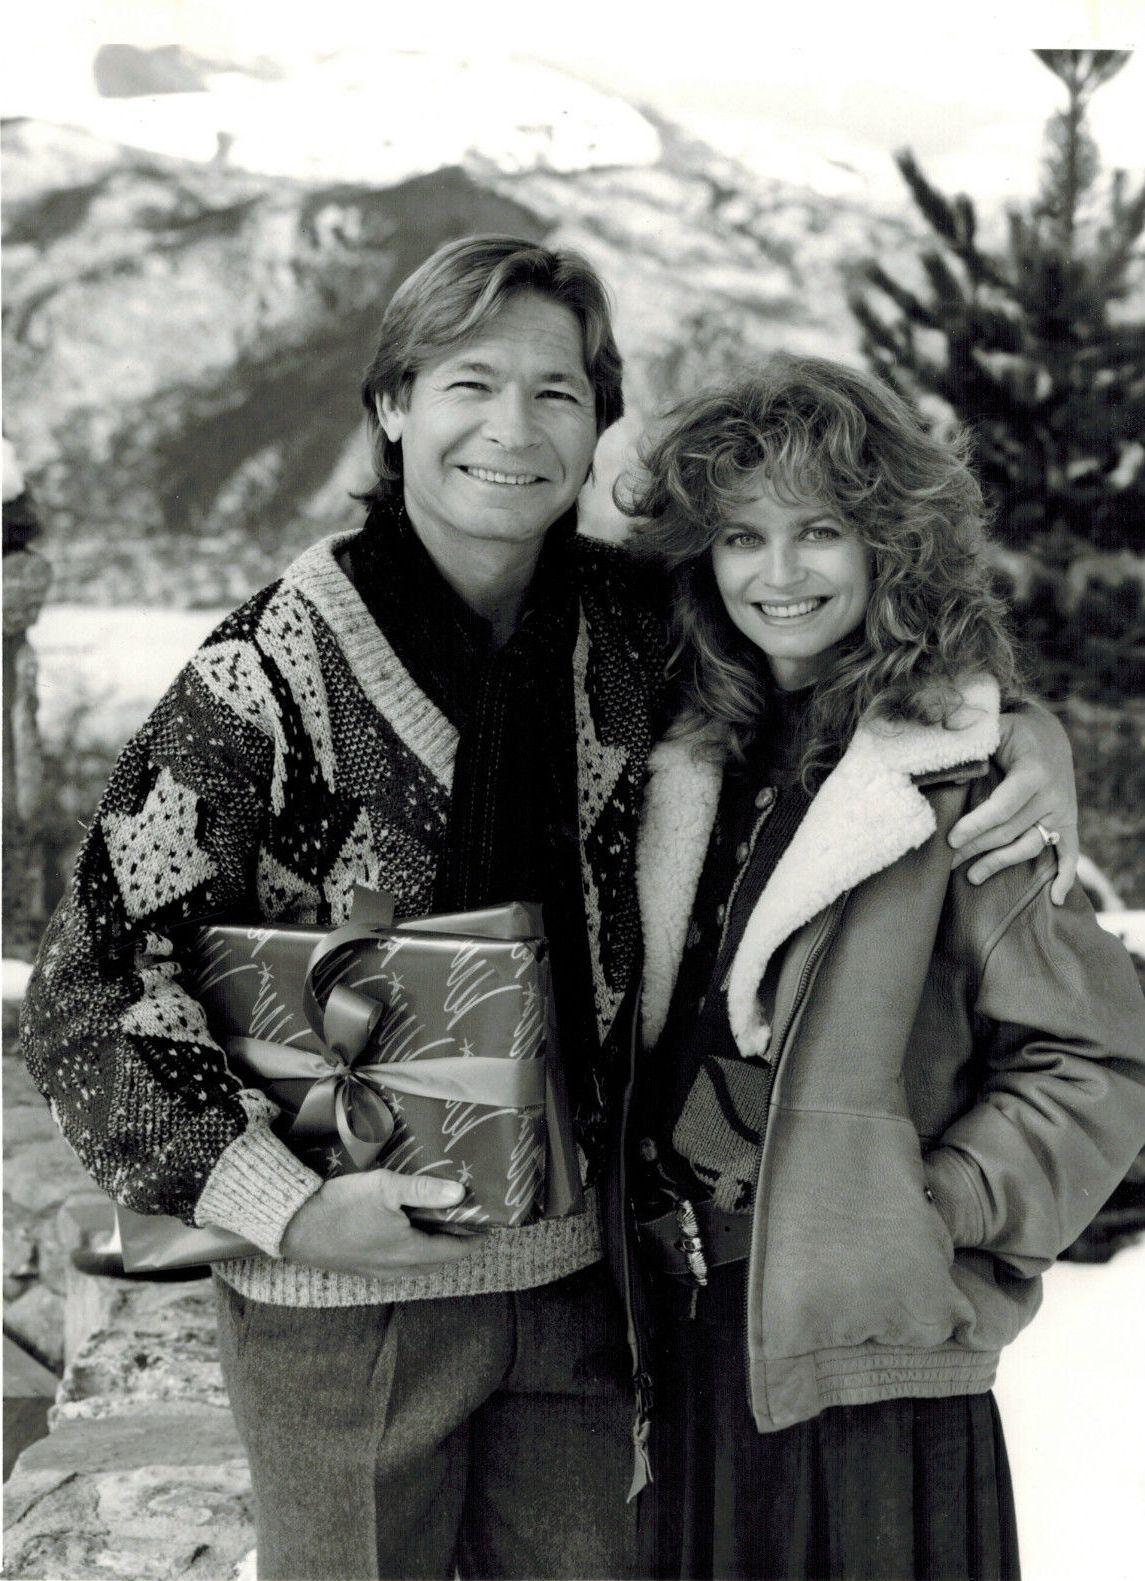 John and Cassandra - Christmas in Aspen, 1988.   John Denver in 2018 ...